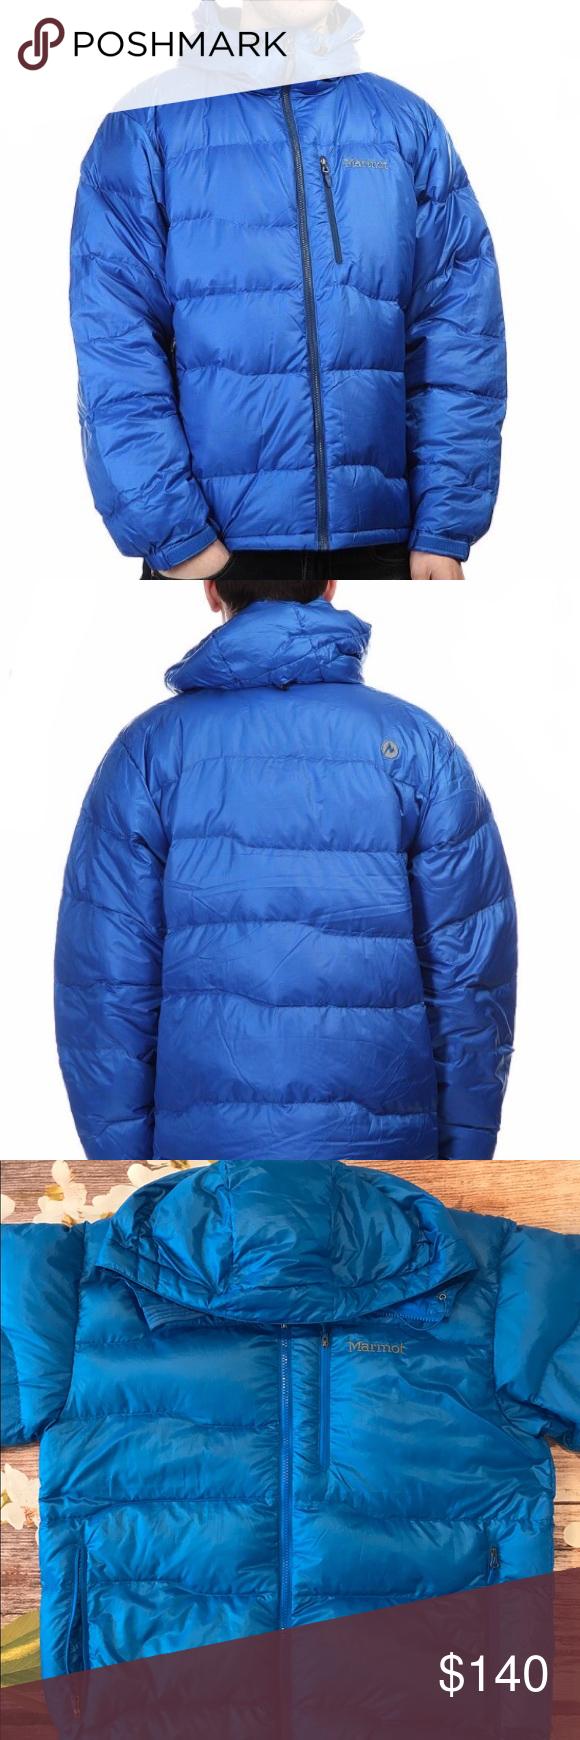 2e7c8c37a5c4 Marmot Ama Dablam Down Jacket - Men s Premium 800-fill goose down  insulation delivers excellent